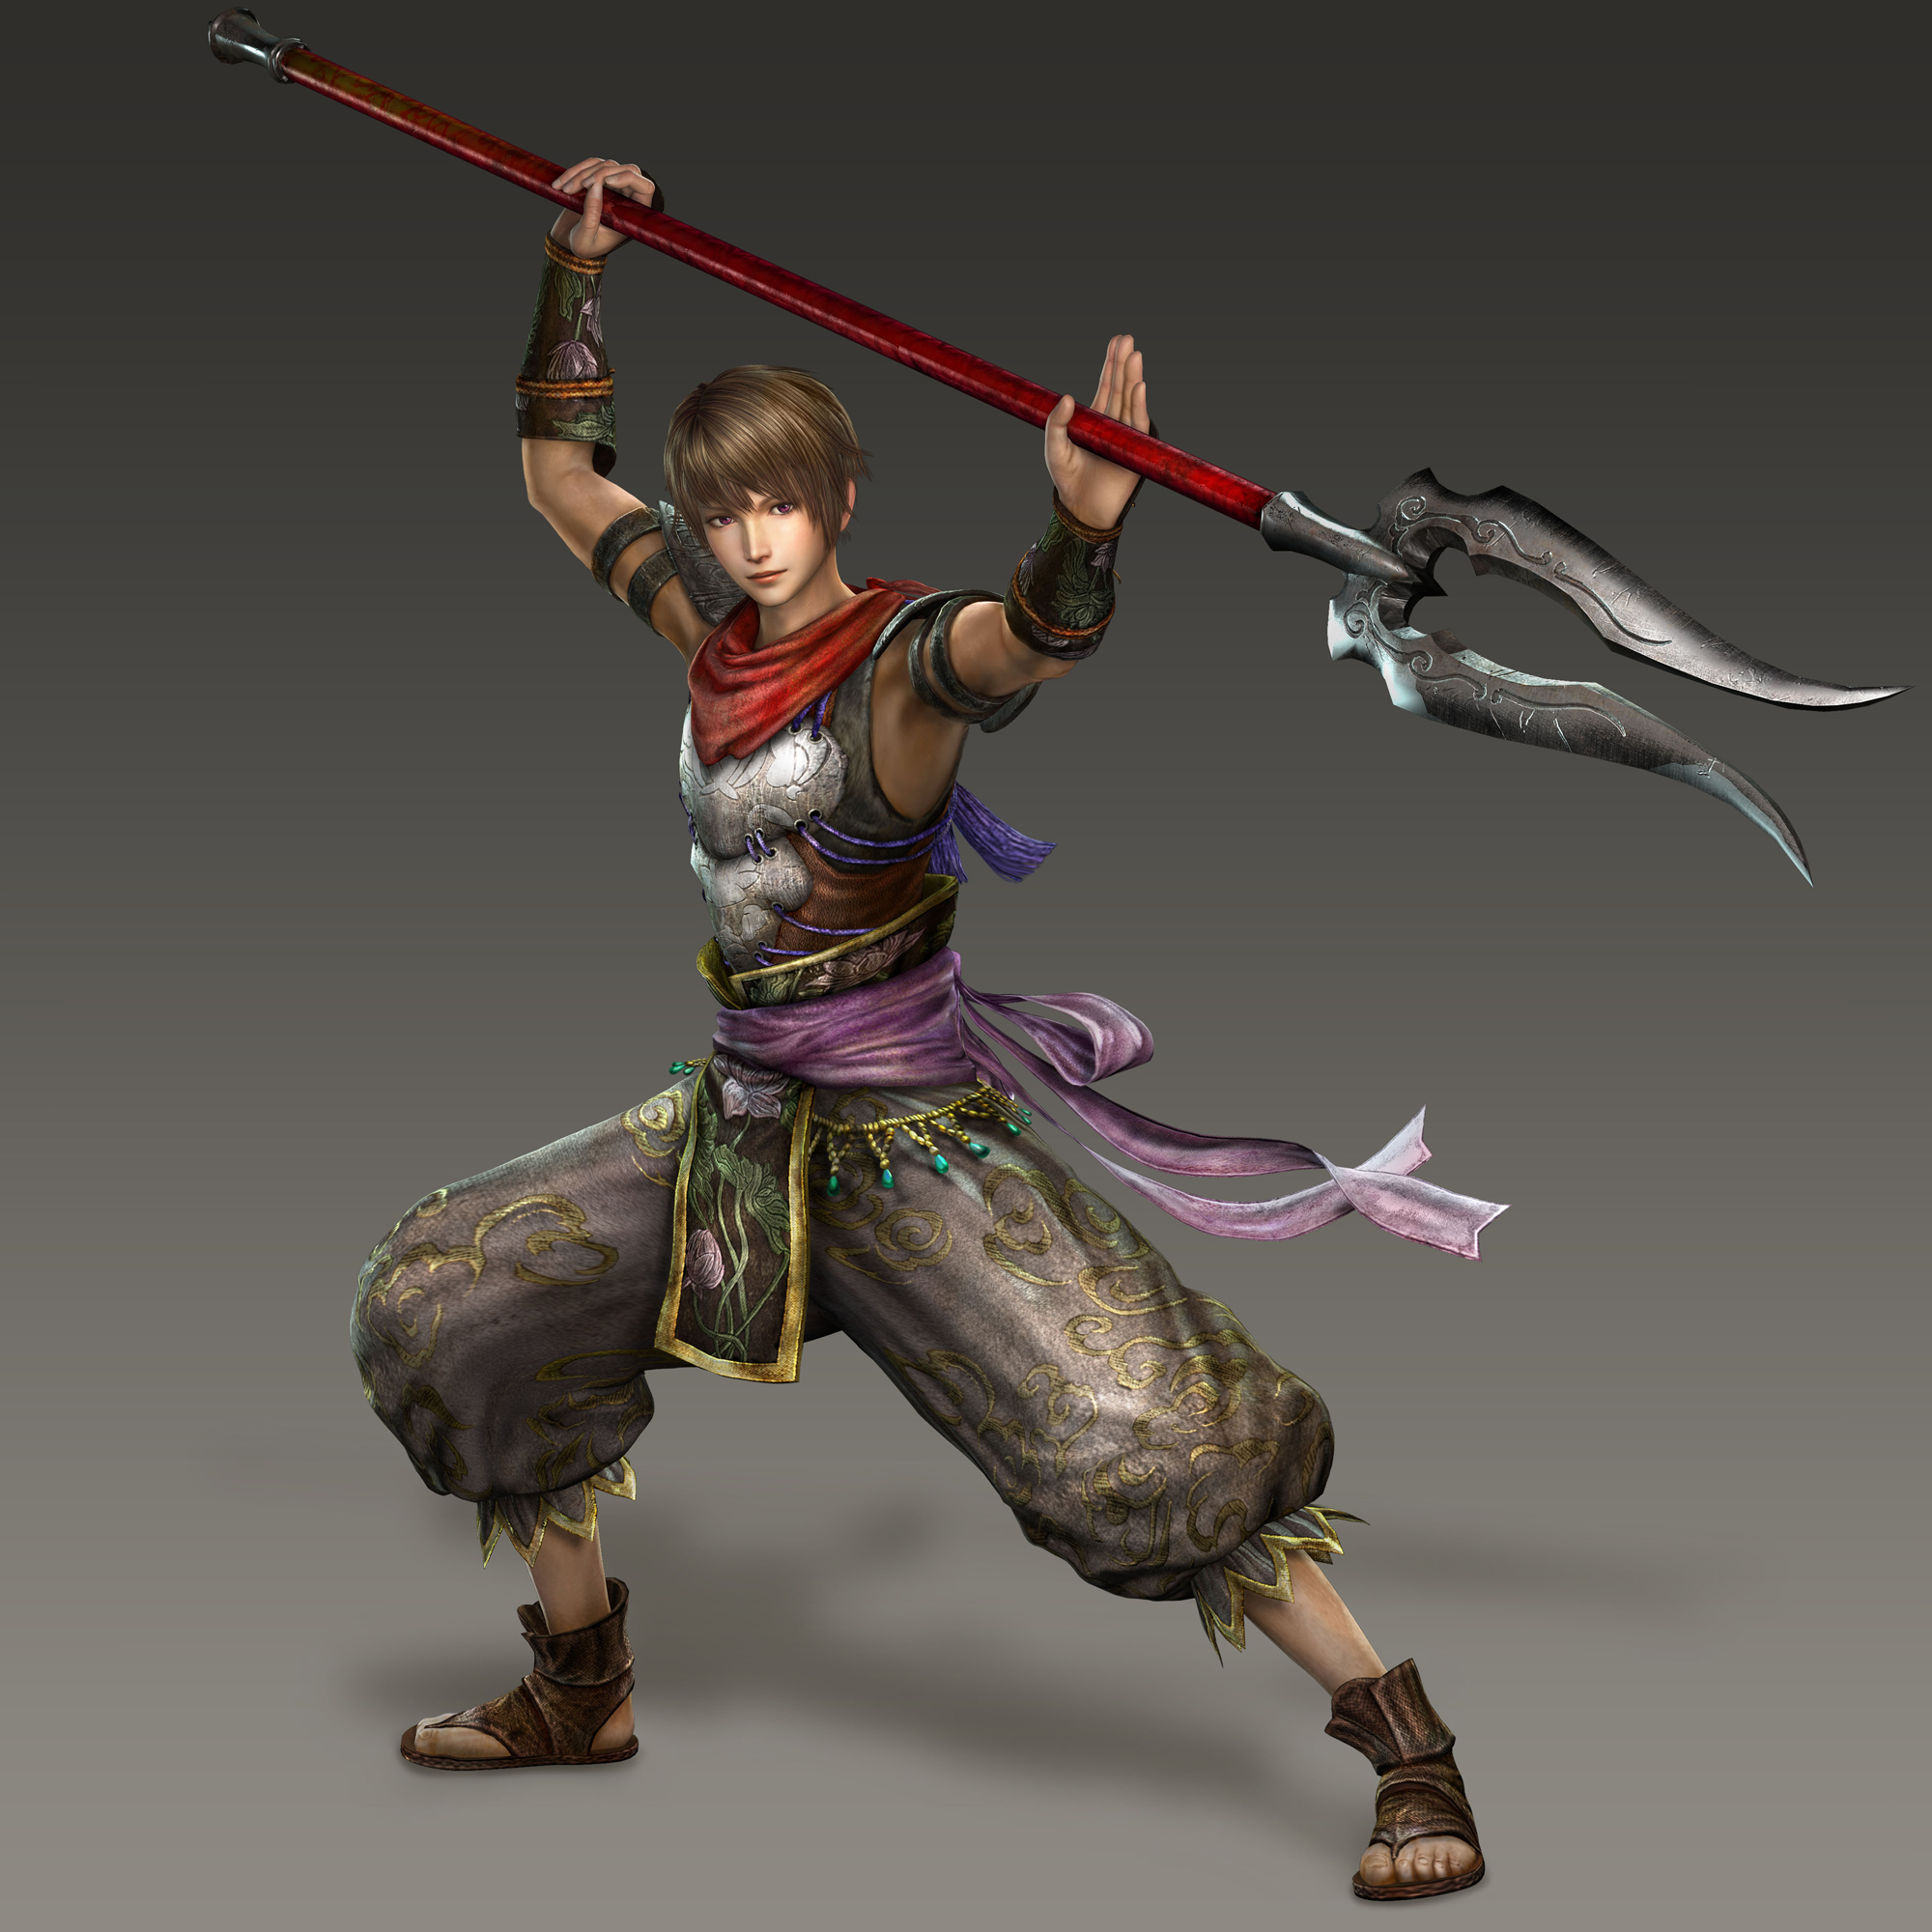 Warriors Orochi 3 Ultimate: Dynasty Warriors, Samurai Warriors